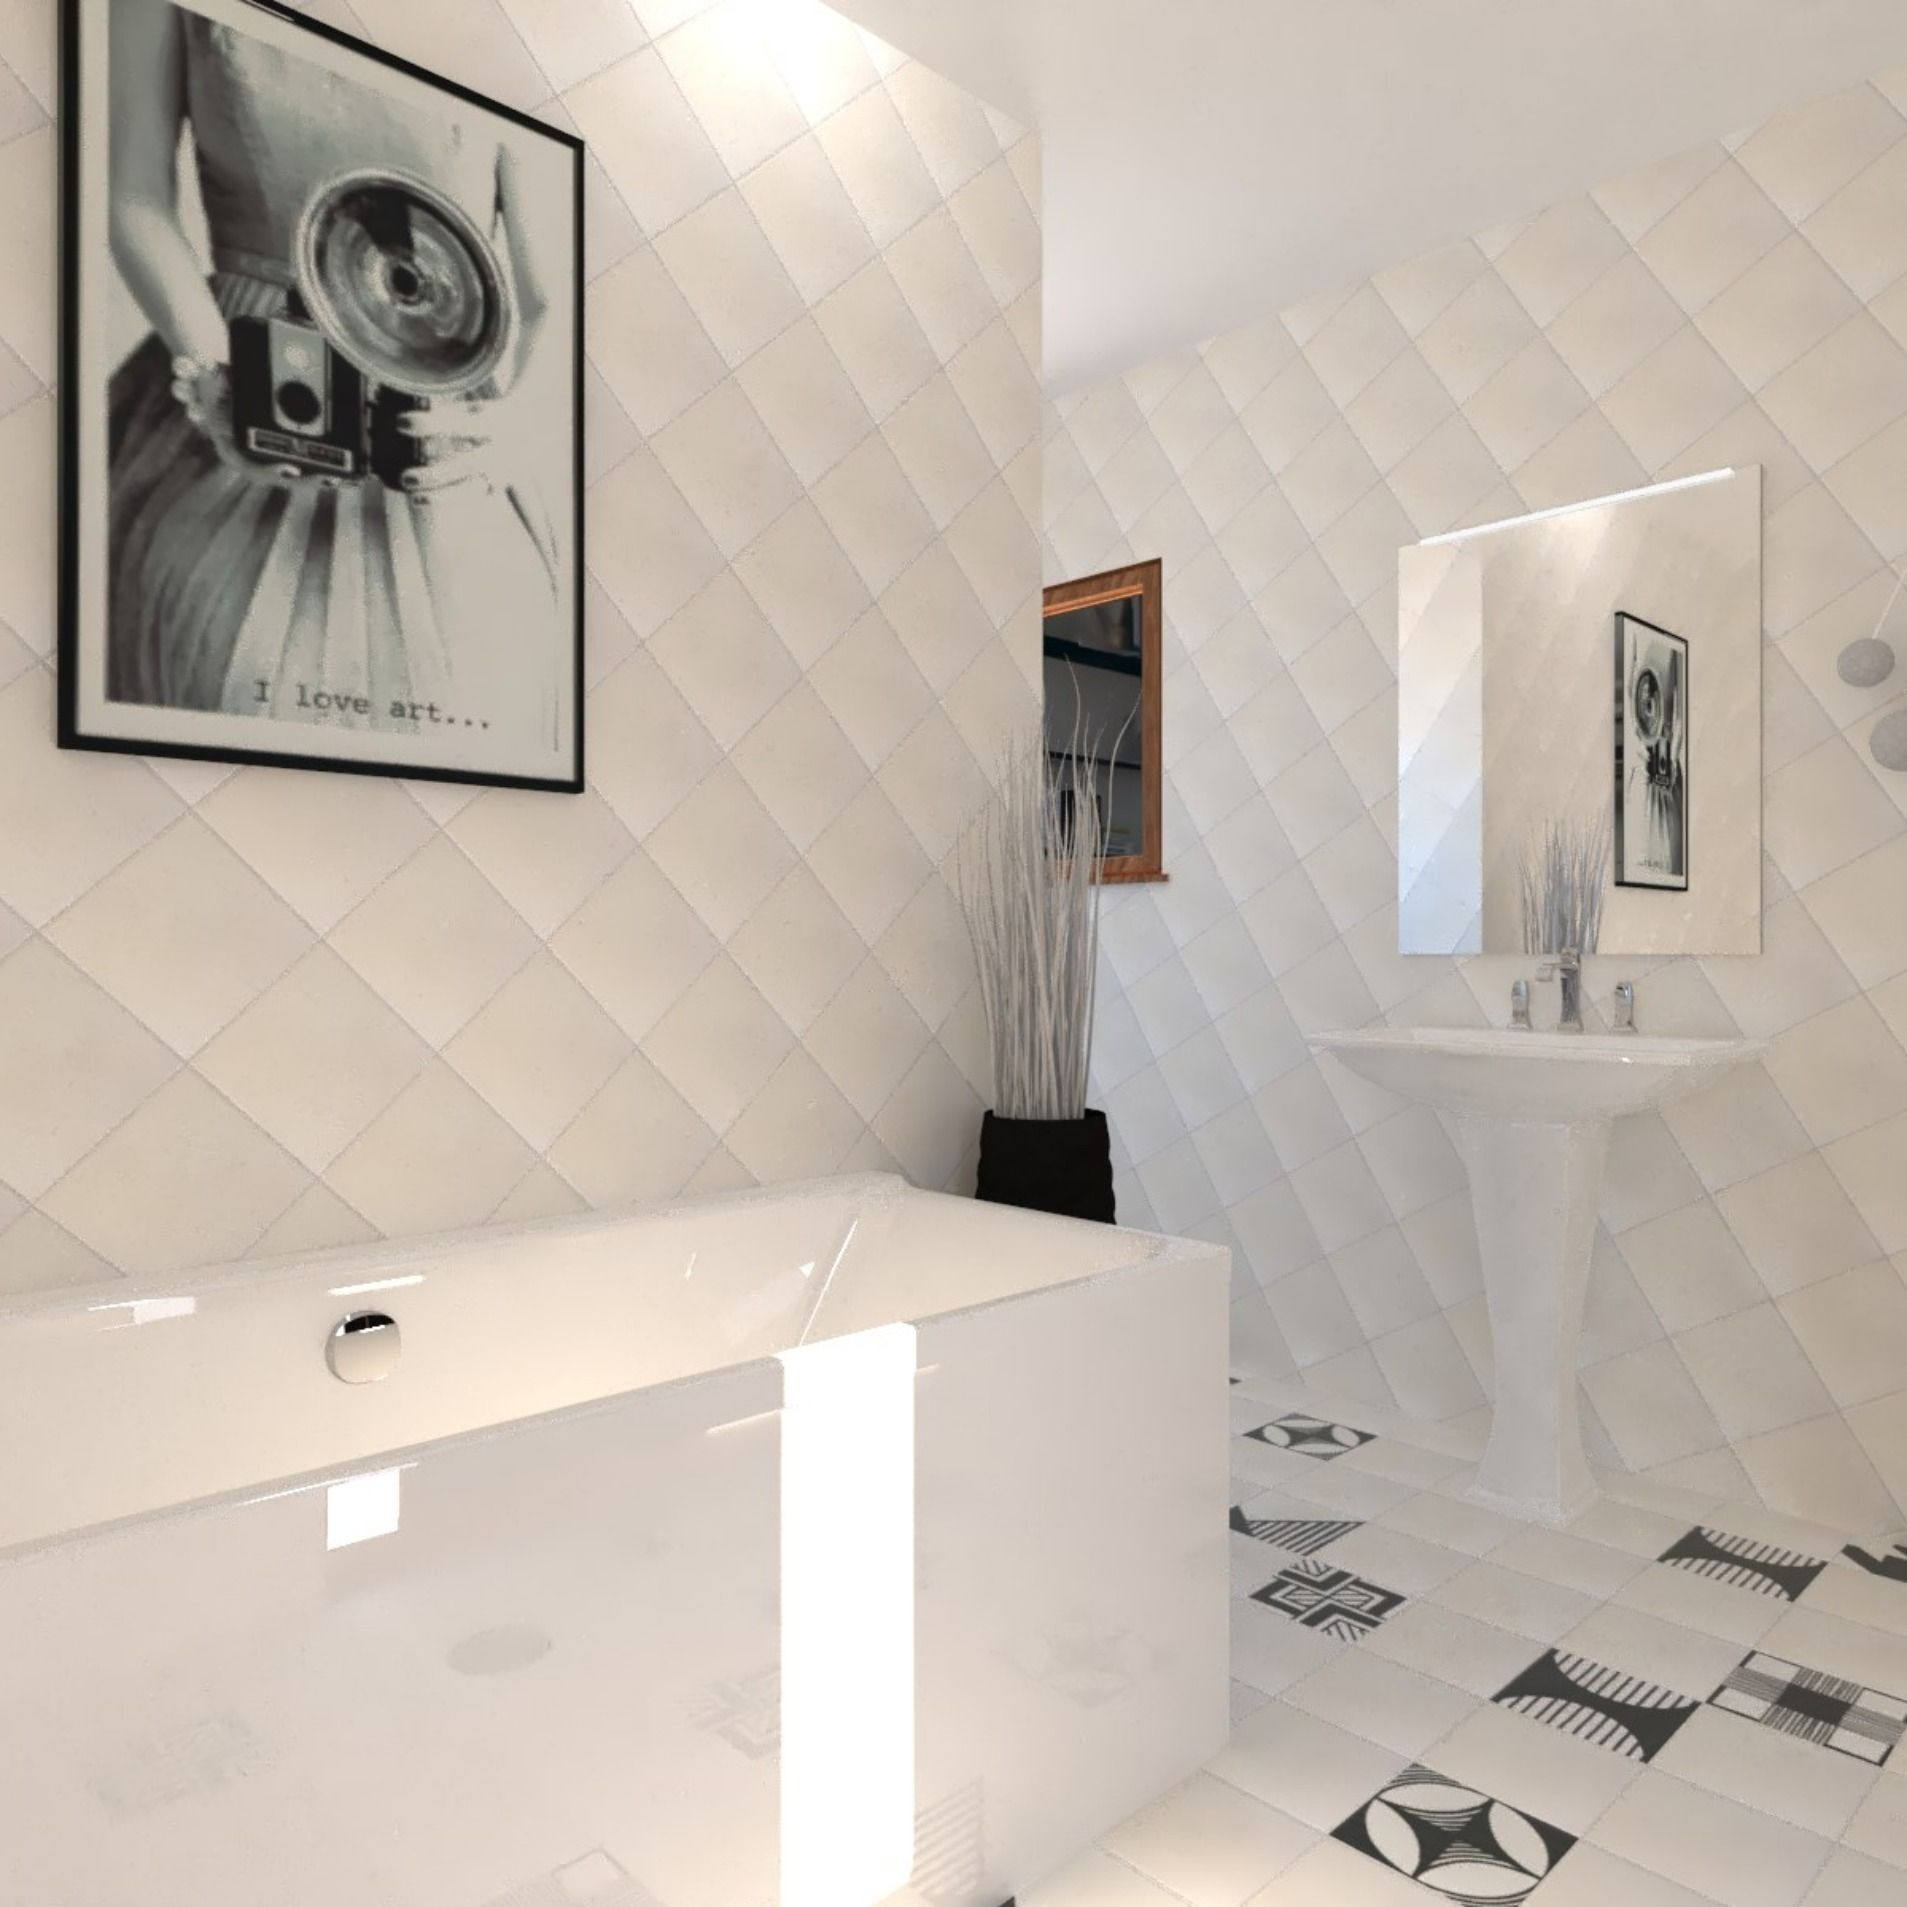 Salle De Bain Carrelage Imitation Carreau De Ciment 20x20 Blanc Et